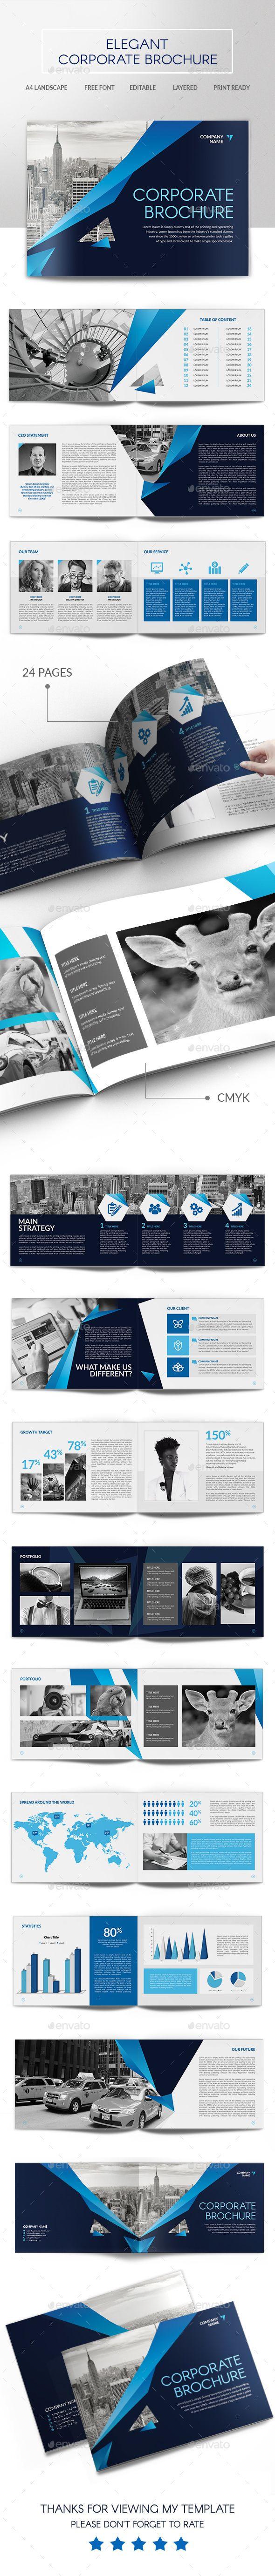 Elegant Corporate Brochure - Corporate Brochures